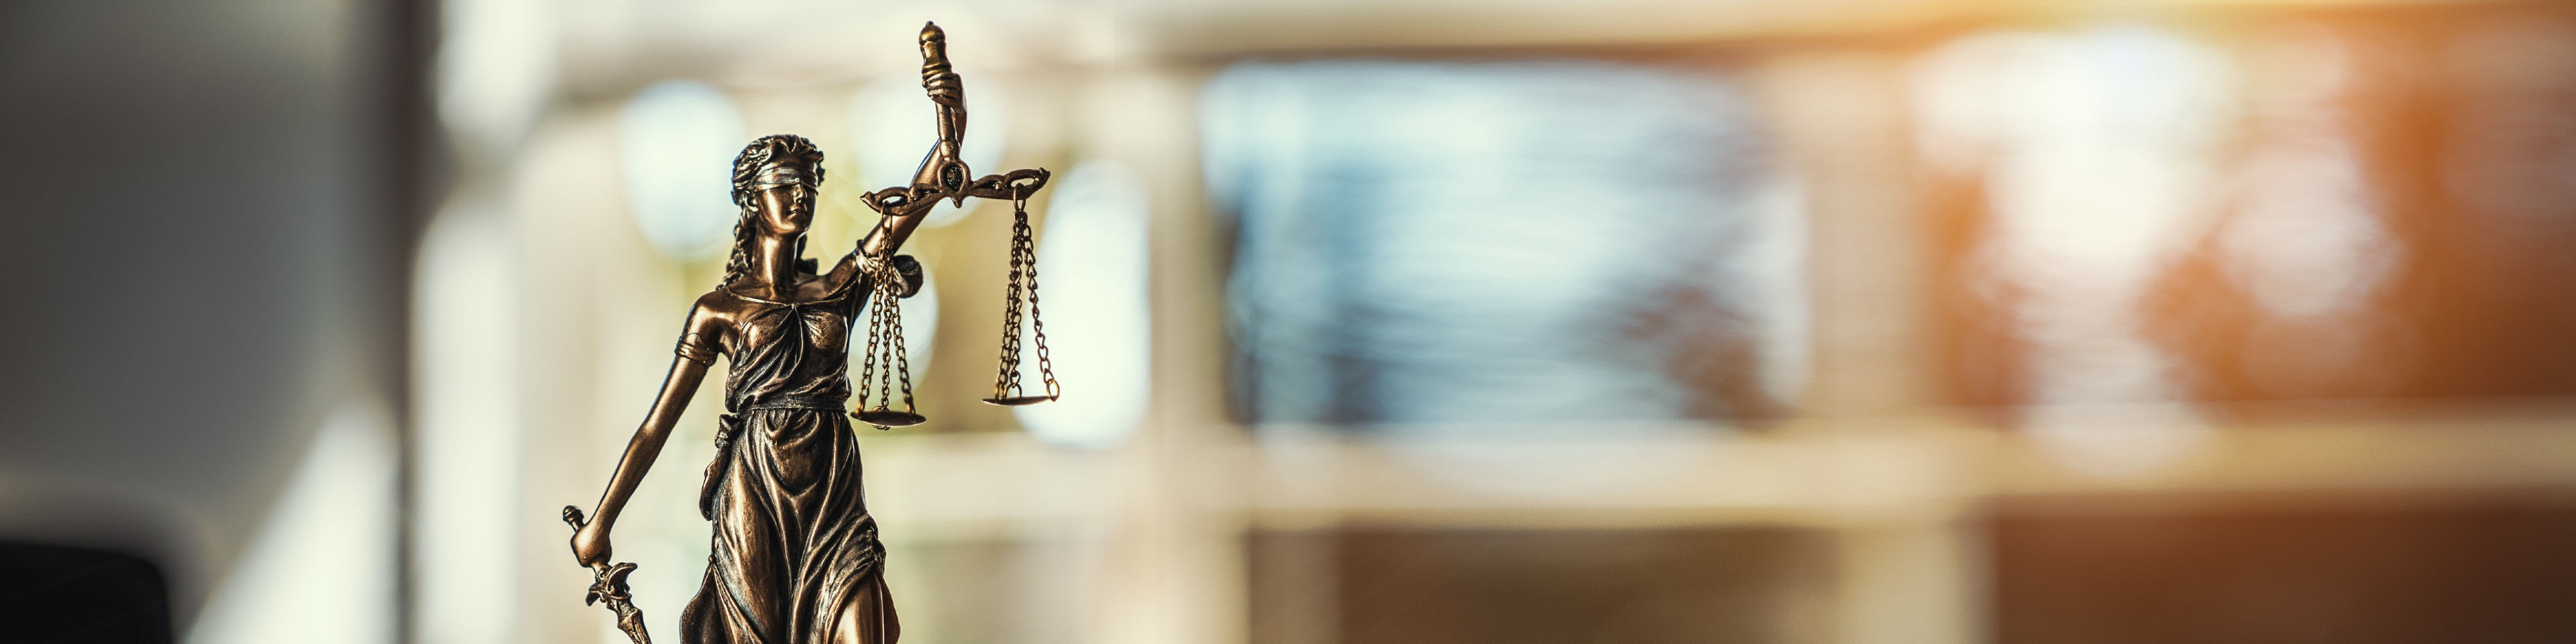 Strafprozessrecht-OS-Header